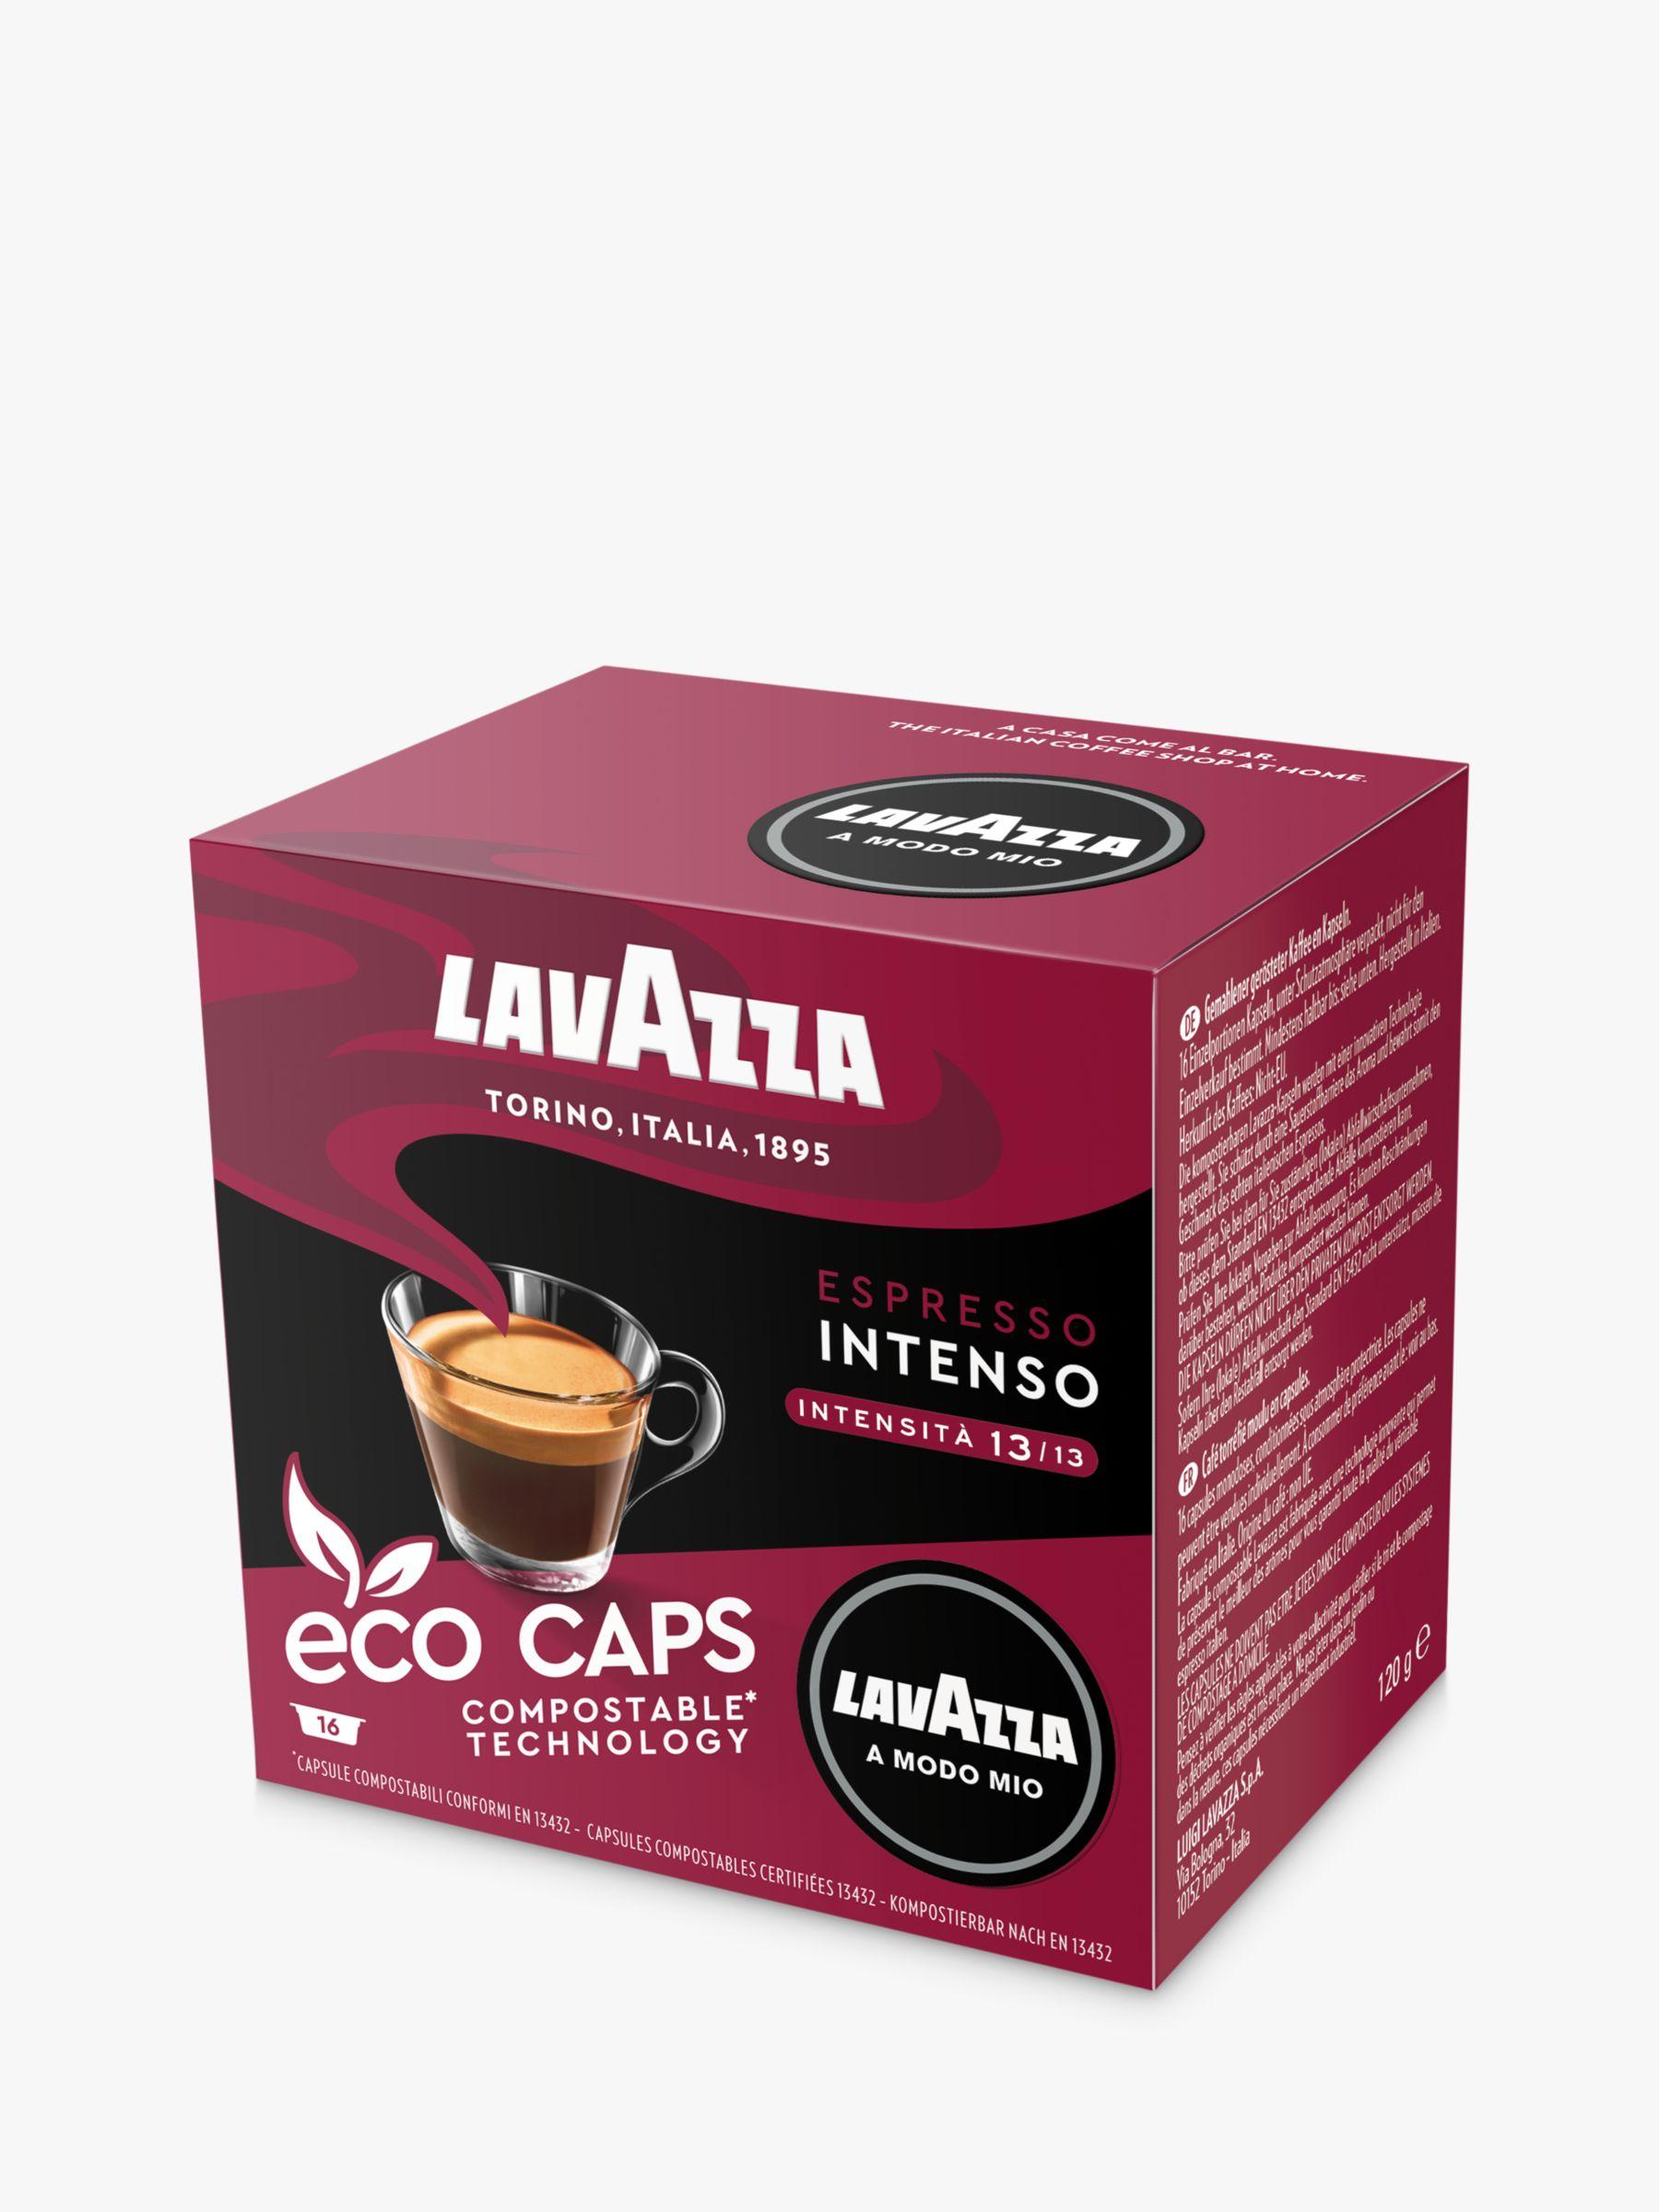 Lavazza Lavazza Intenso A Modo Mio Espresso Eco Capsules, Pack of 16